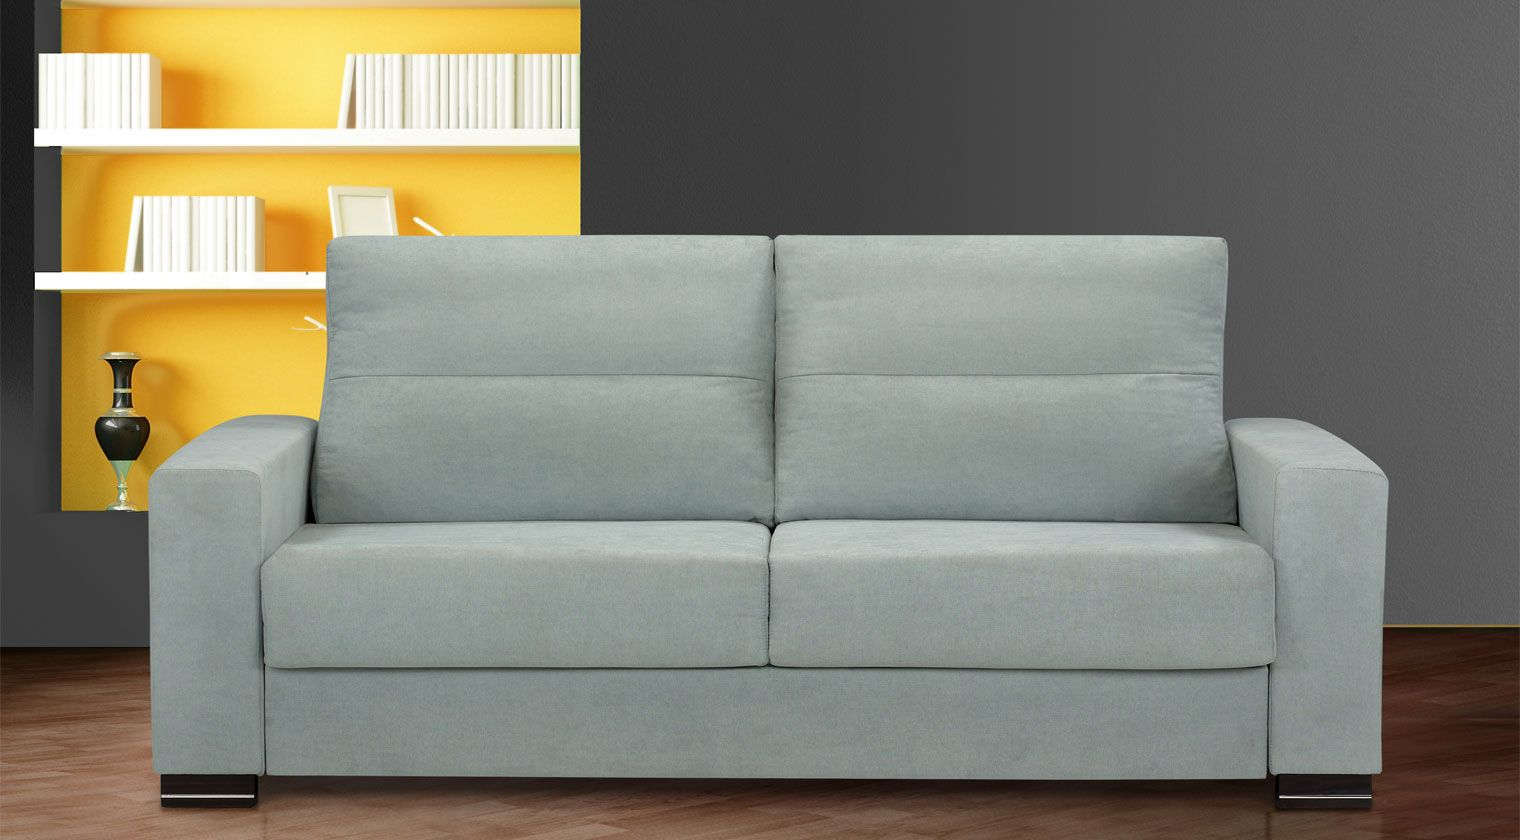 Comprar sof cama zamora sof cama 3 plazas junio for Sofas baratos asturias